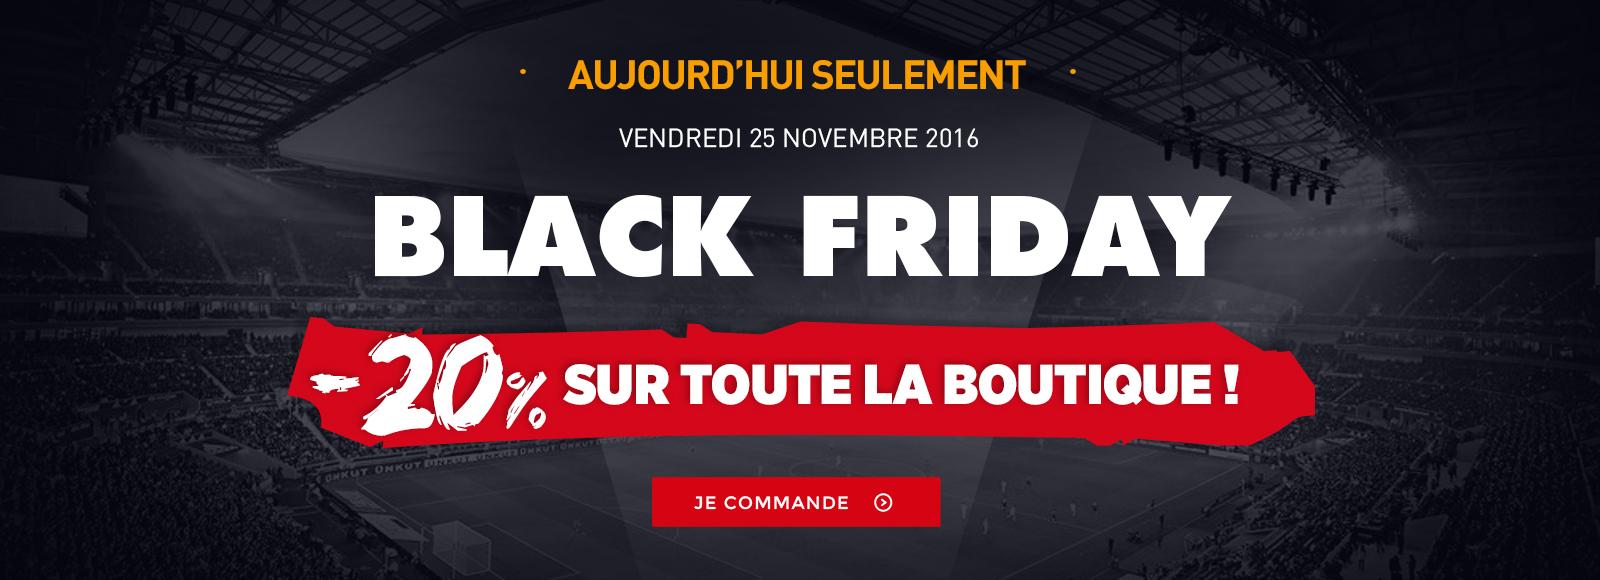 [Black Friday] -20% sur toute la boutique OL